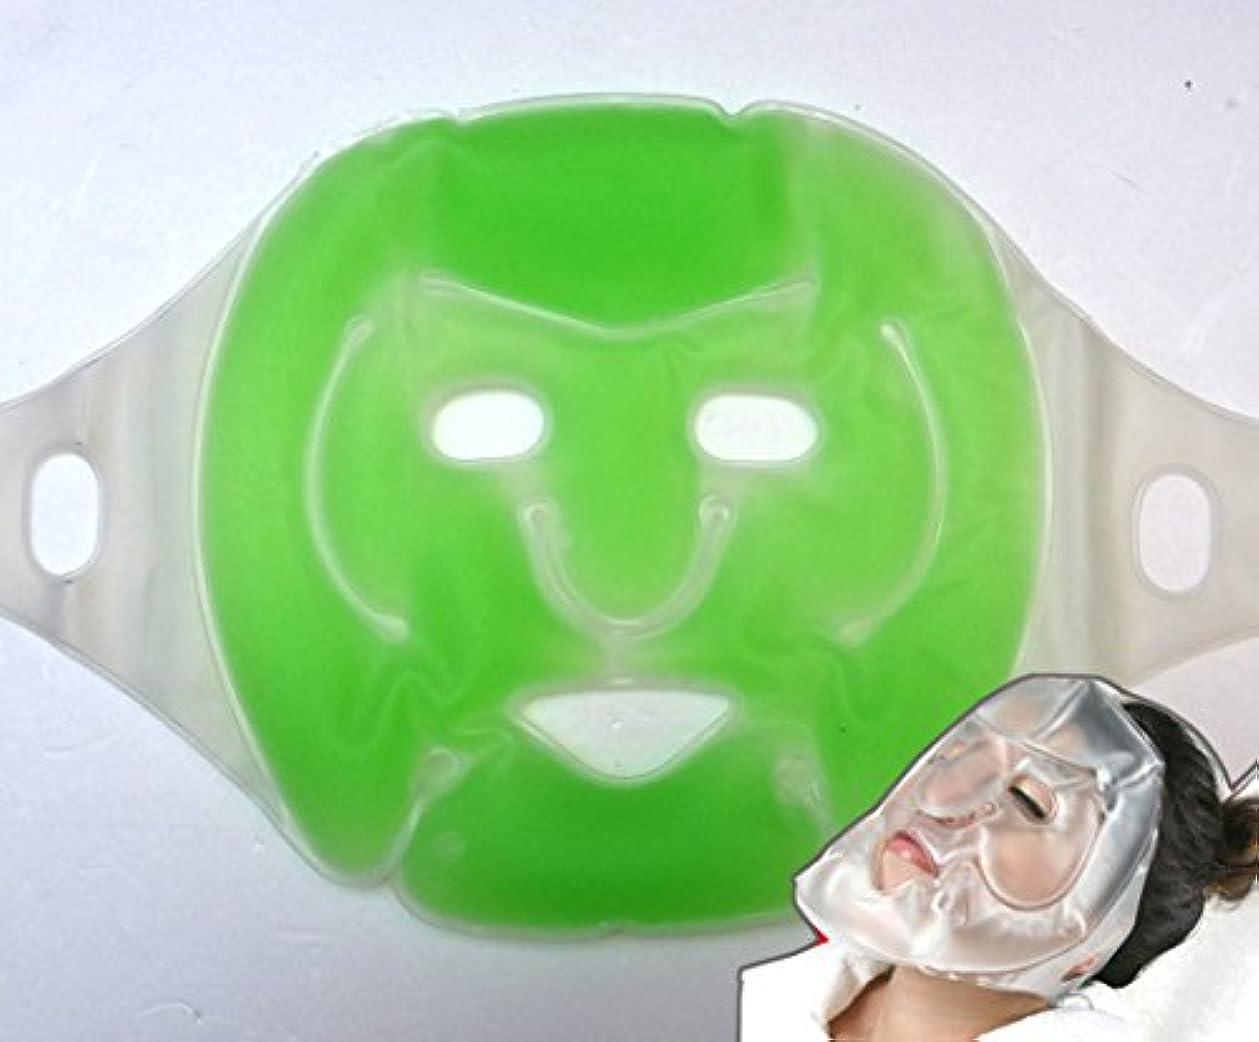 傷つけるミニチュア等々フェイスマッサージクールアイスマスクパック半永久的なフェイシャルマッサージ 毛穴収縮/緑色/Face Cool Massage Ice Mask Pack Semi-permanent Facial Massager Contracting...